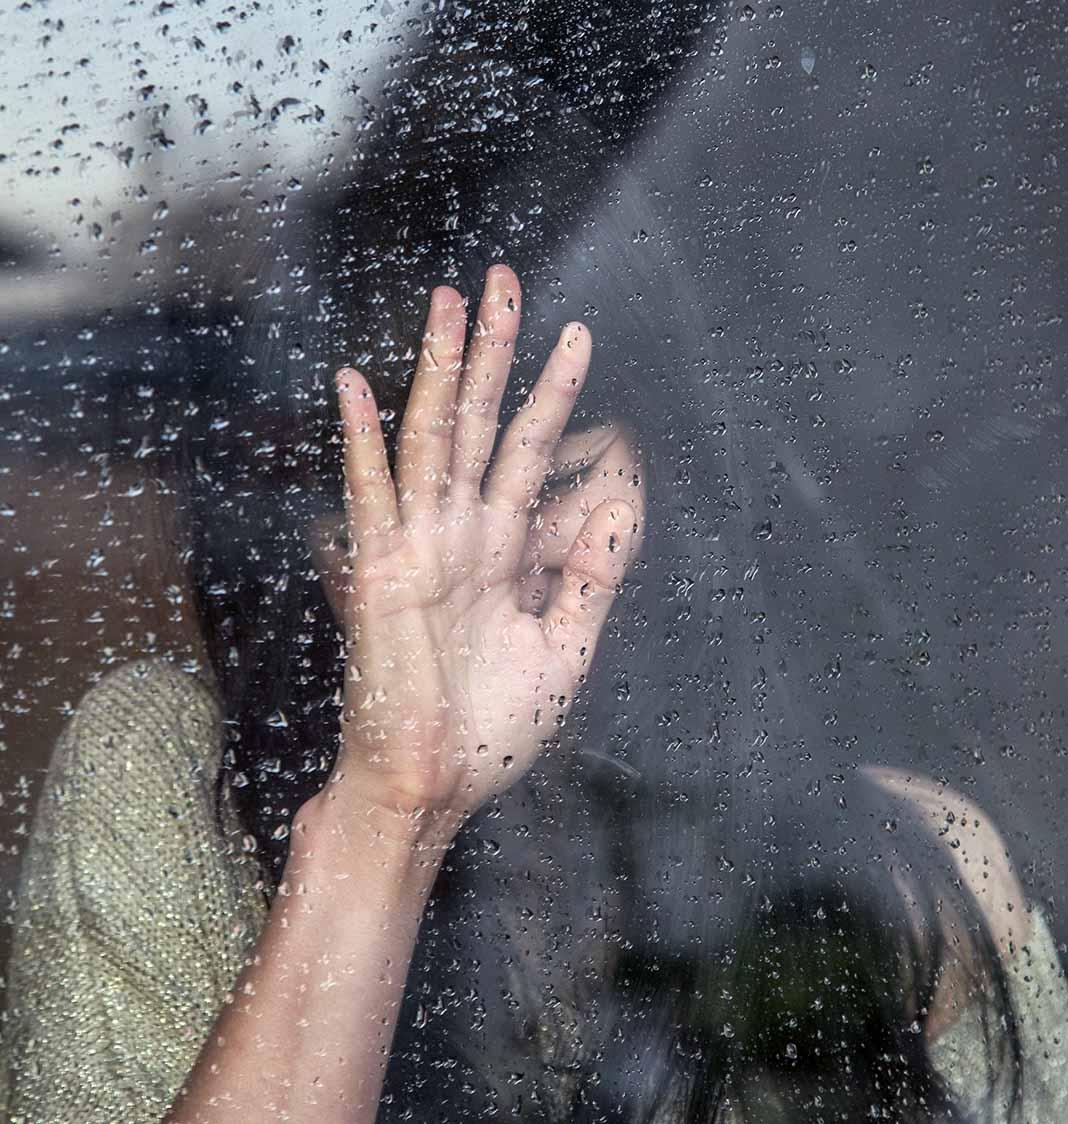 Una joven en China pasó varias horas internada porque no paraba de llorar al final de la película